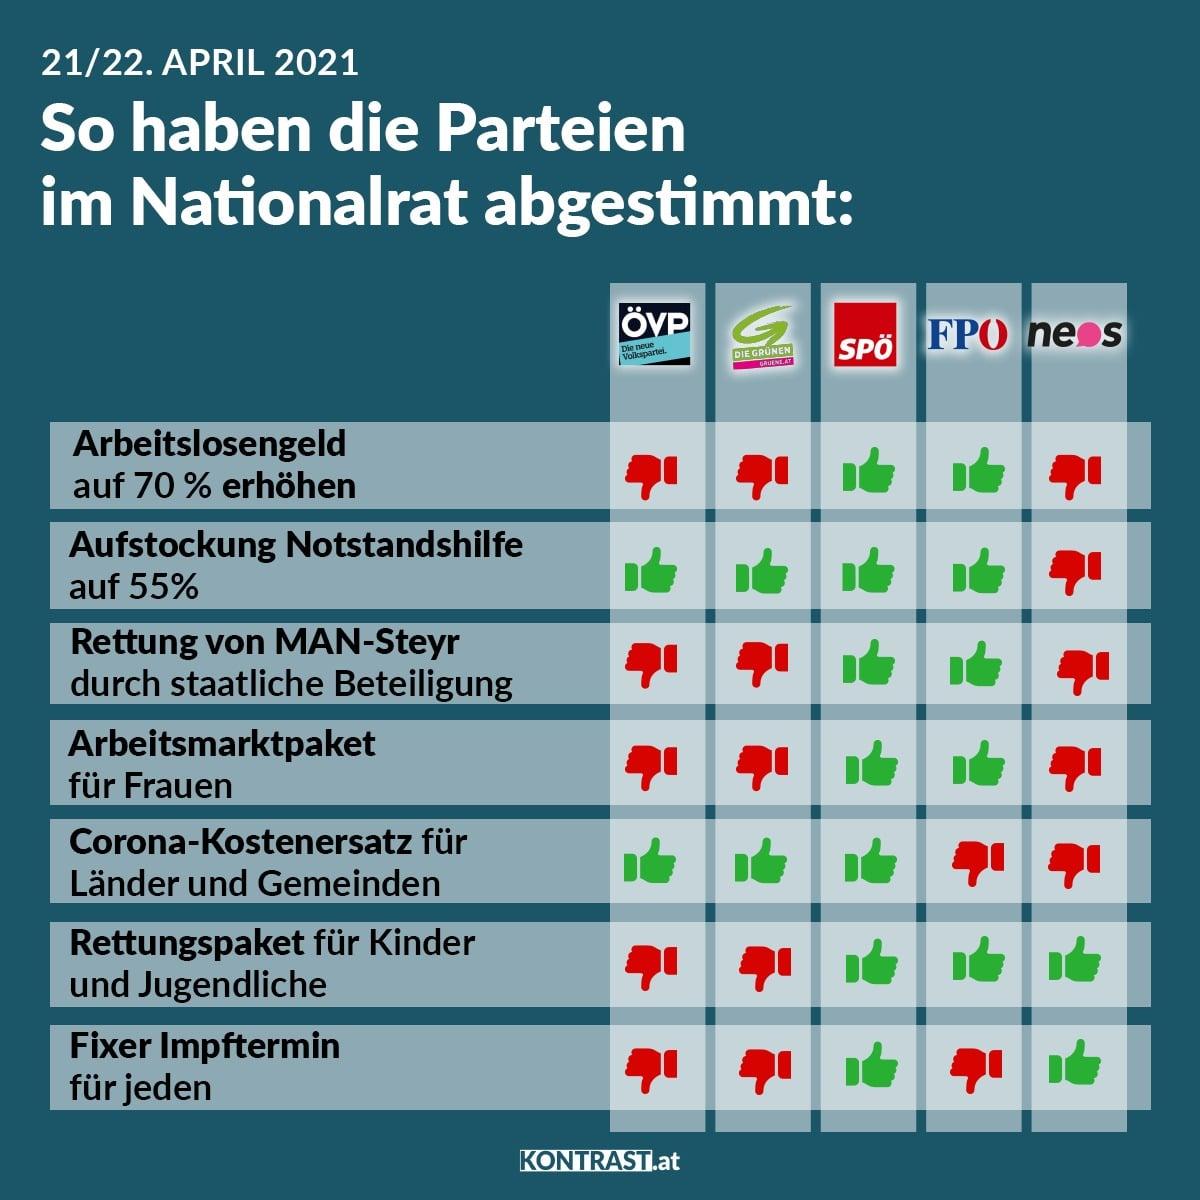 Abstimmungsverhalten im Nationalrat, 21. und 22. April 2021